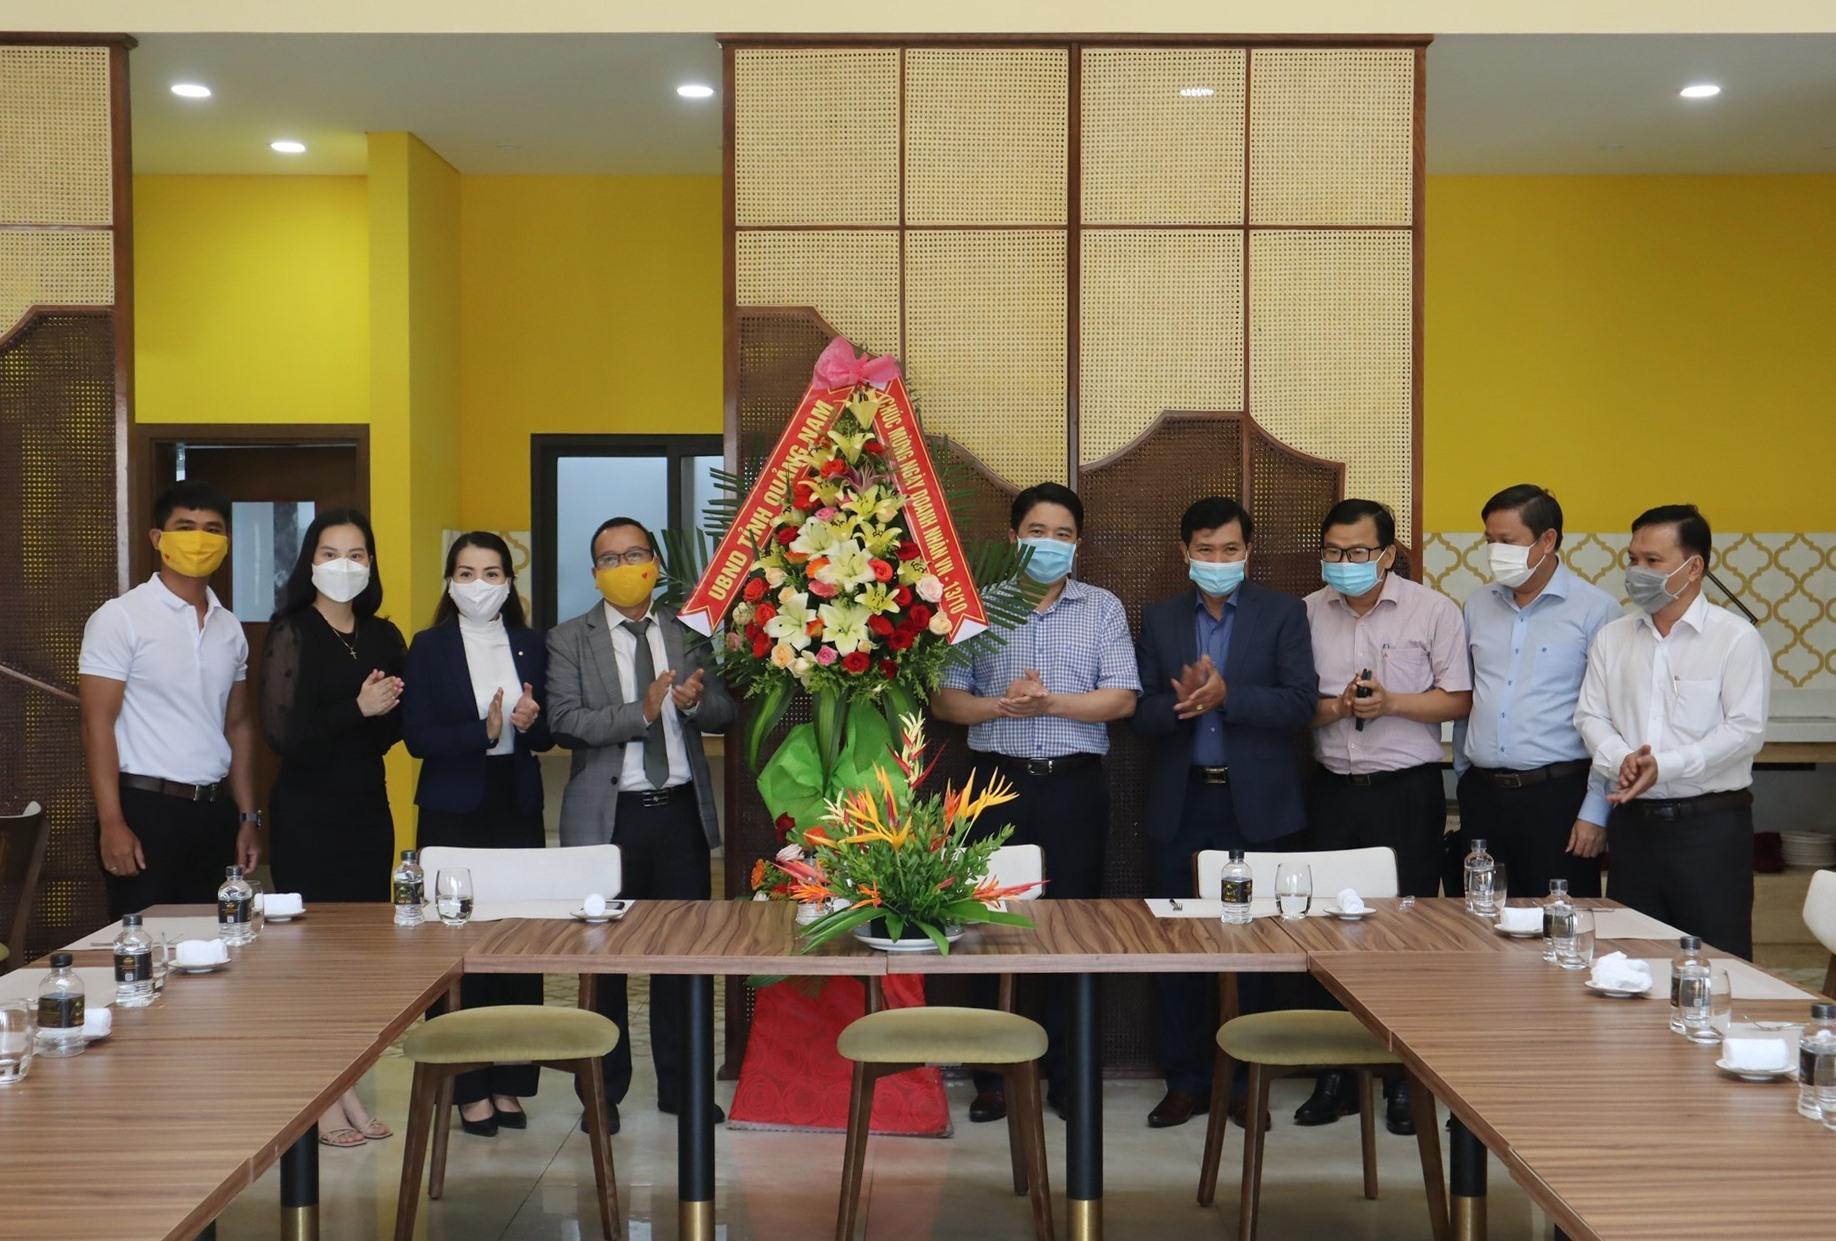 Lãnh đạo tỉnh tặng hoa mừng Ngày Doanh nhân Việt Nam cho đại diện quản lý Công viên Ký ức Hội An. Ảnh: Q.T